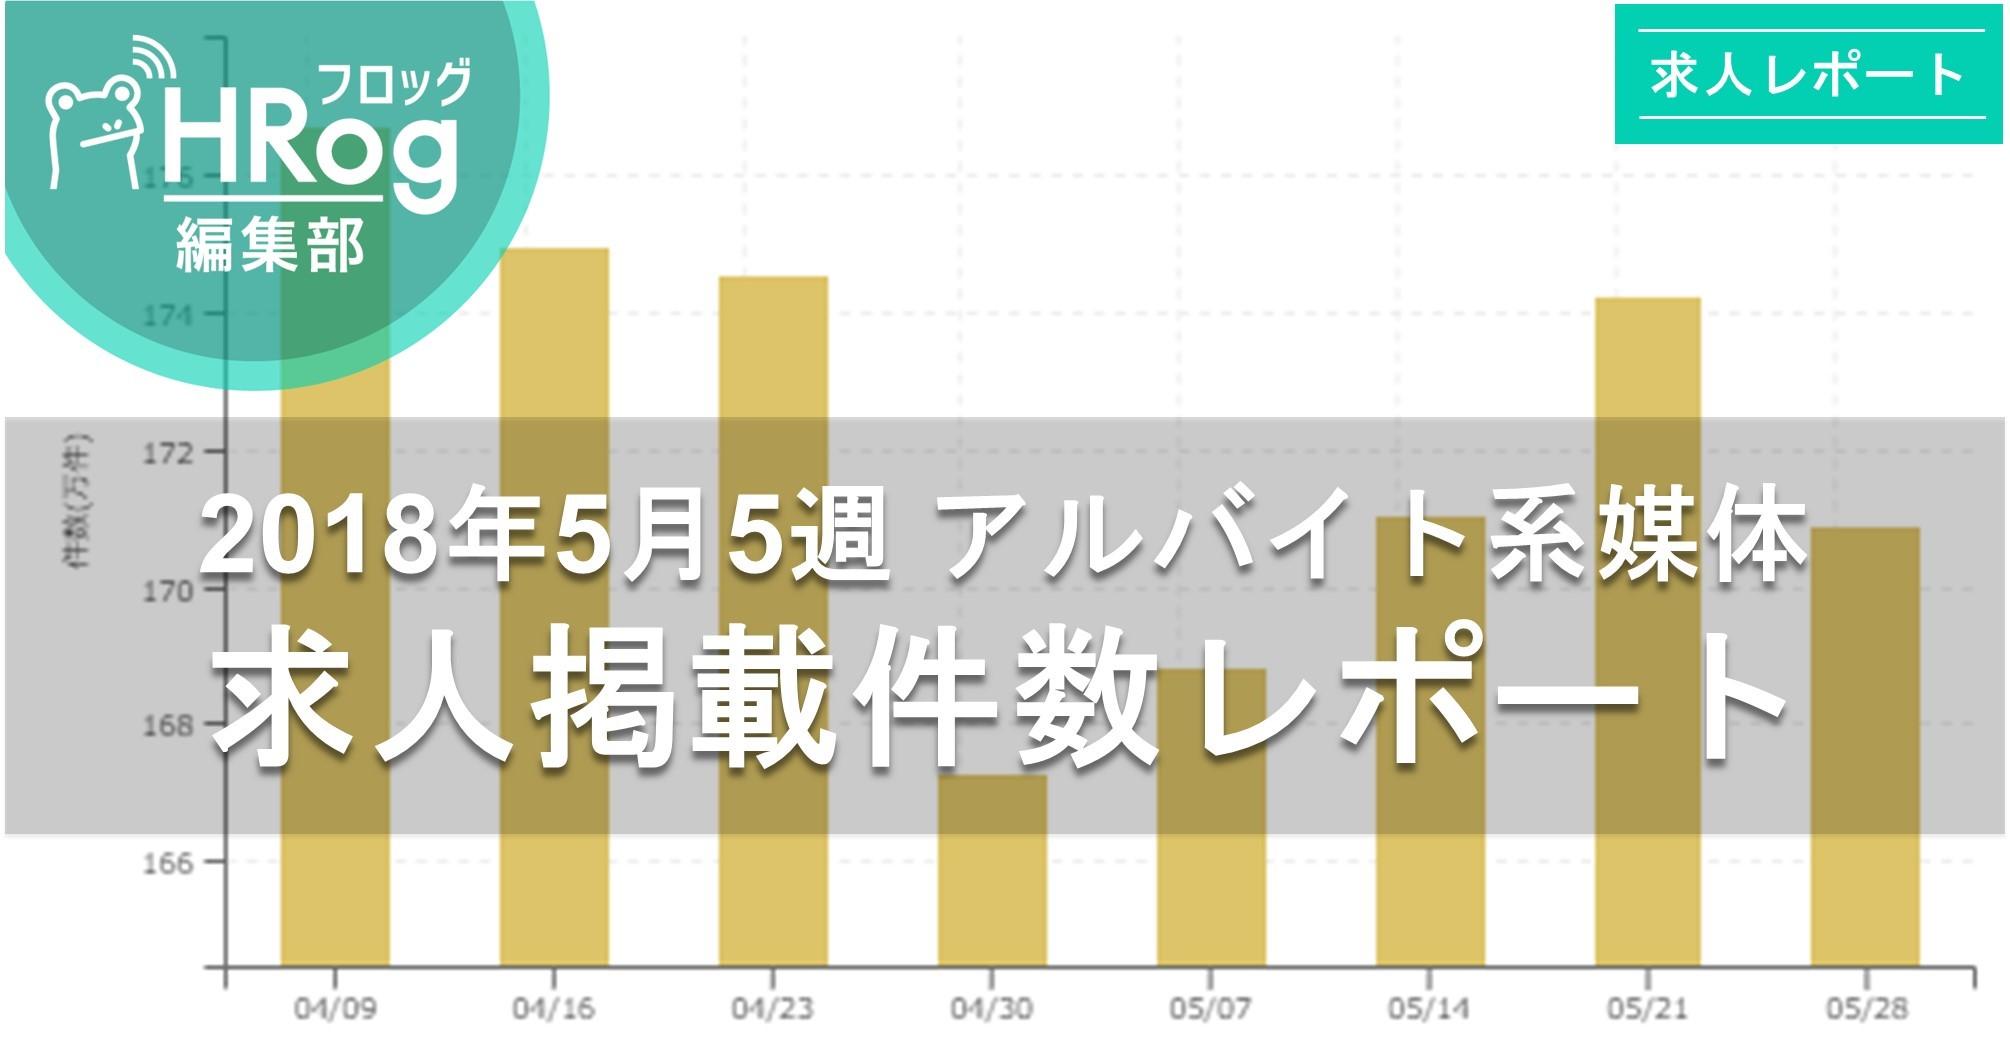 【2018年5月5週 アルバイト系媒体 求人掲載件数レポート】先週より約3.7万件減少も前年比は123%!